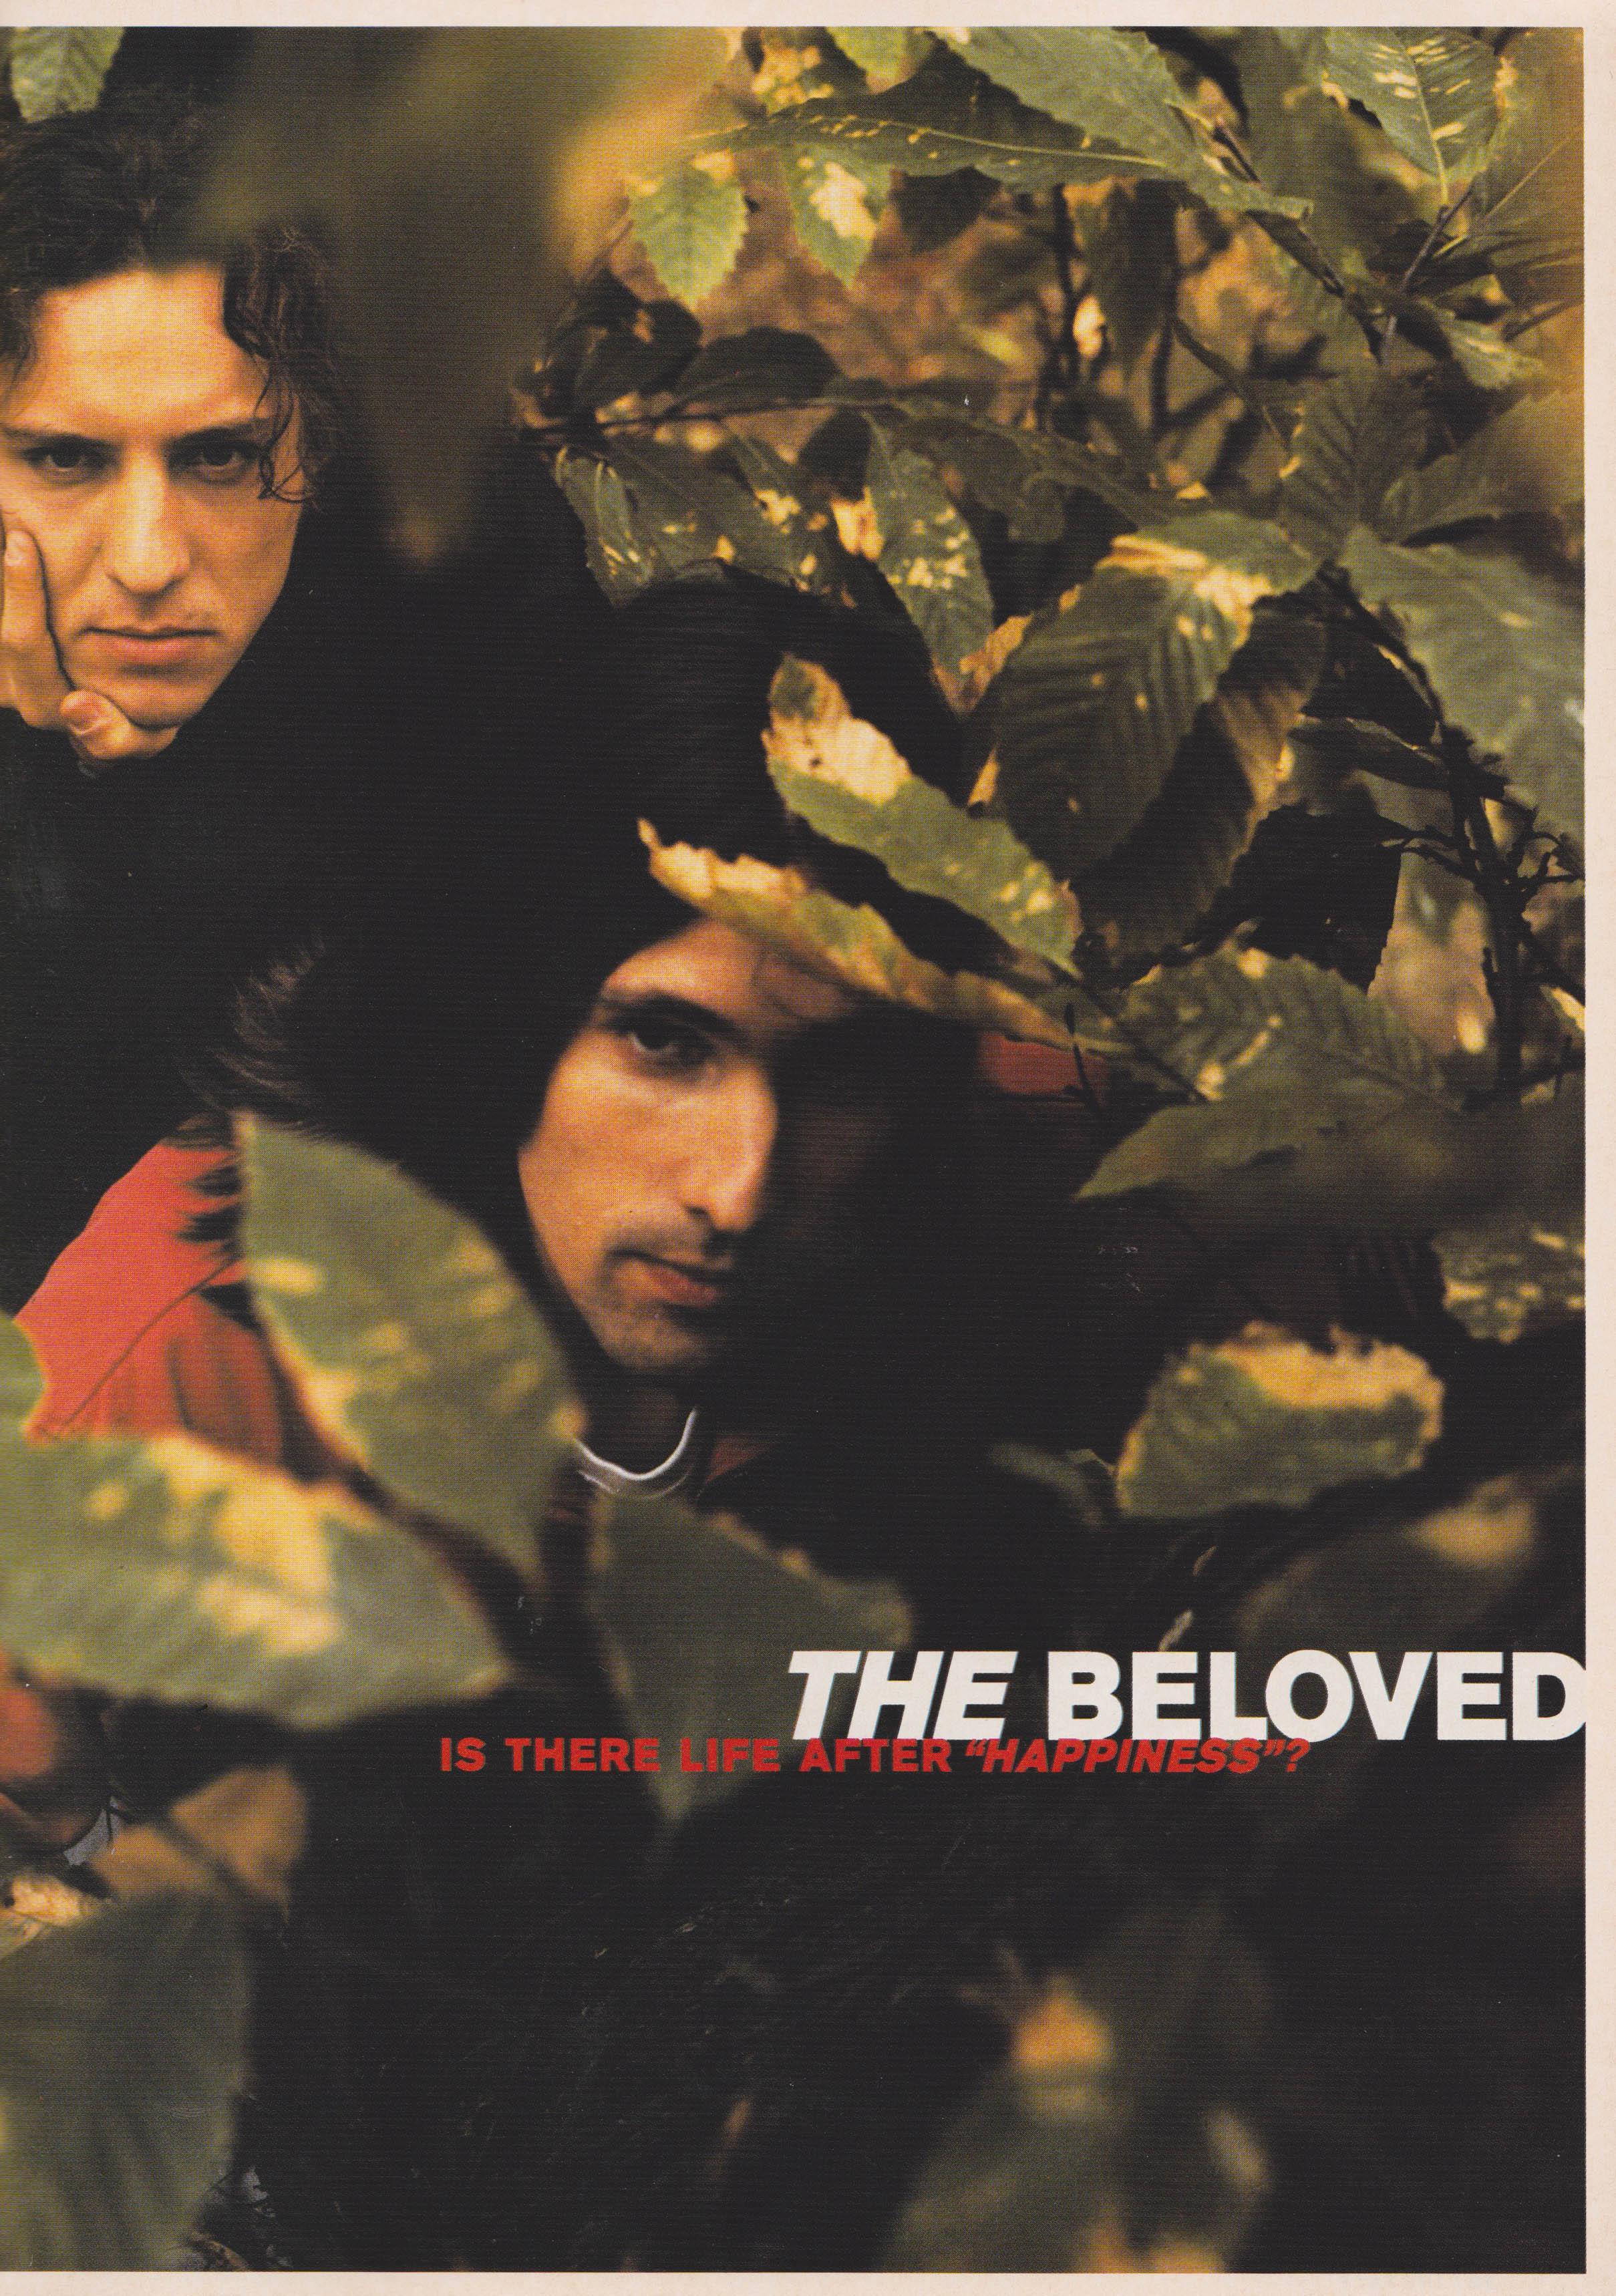 The Beloved, Interview, The Face, December, 1990, Sheryl Garratt